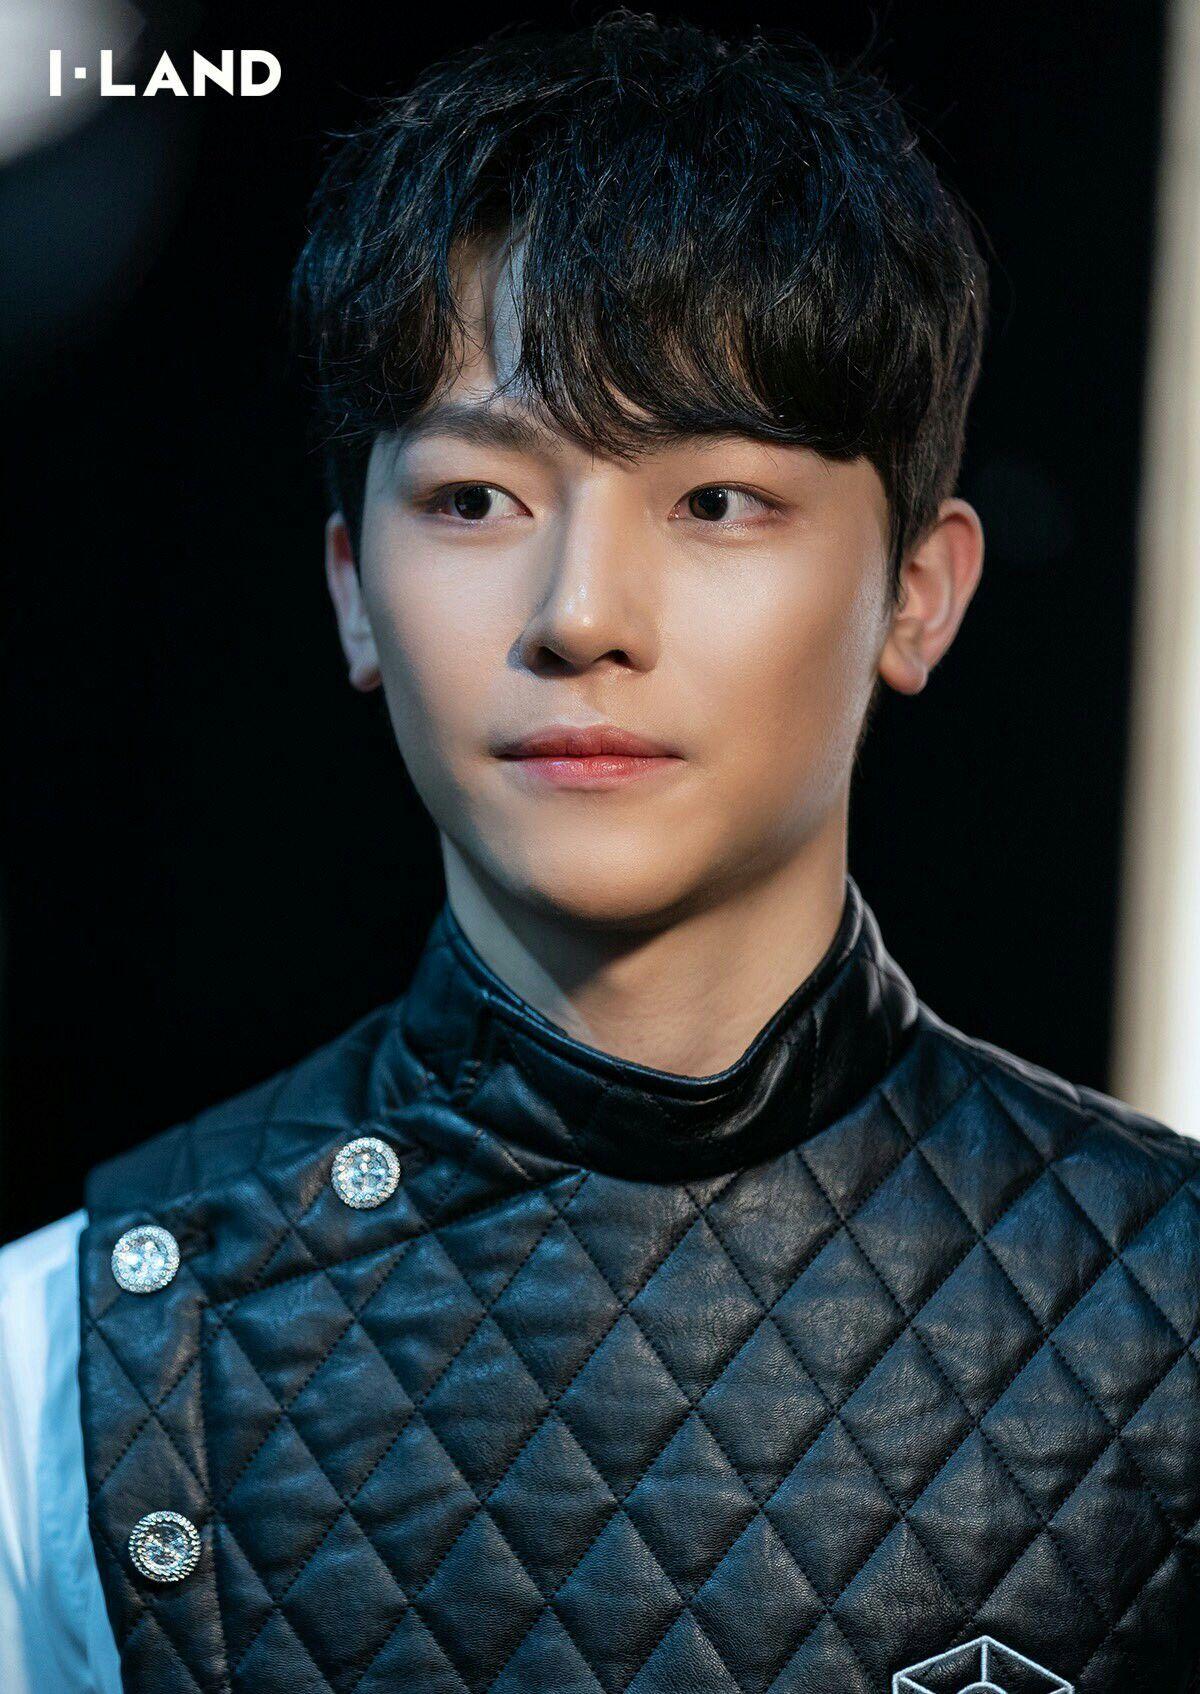 Nicholas Iland I Land Bighit Bts 02 Kpop Idol Korean Group Groups Txt Jake Yixing Yixiang Pacar Pria Selebritas Pria